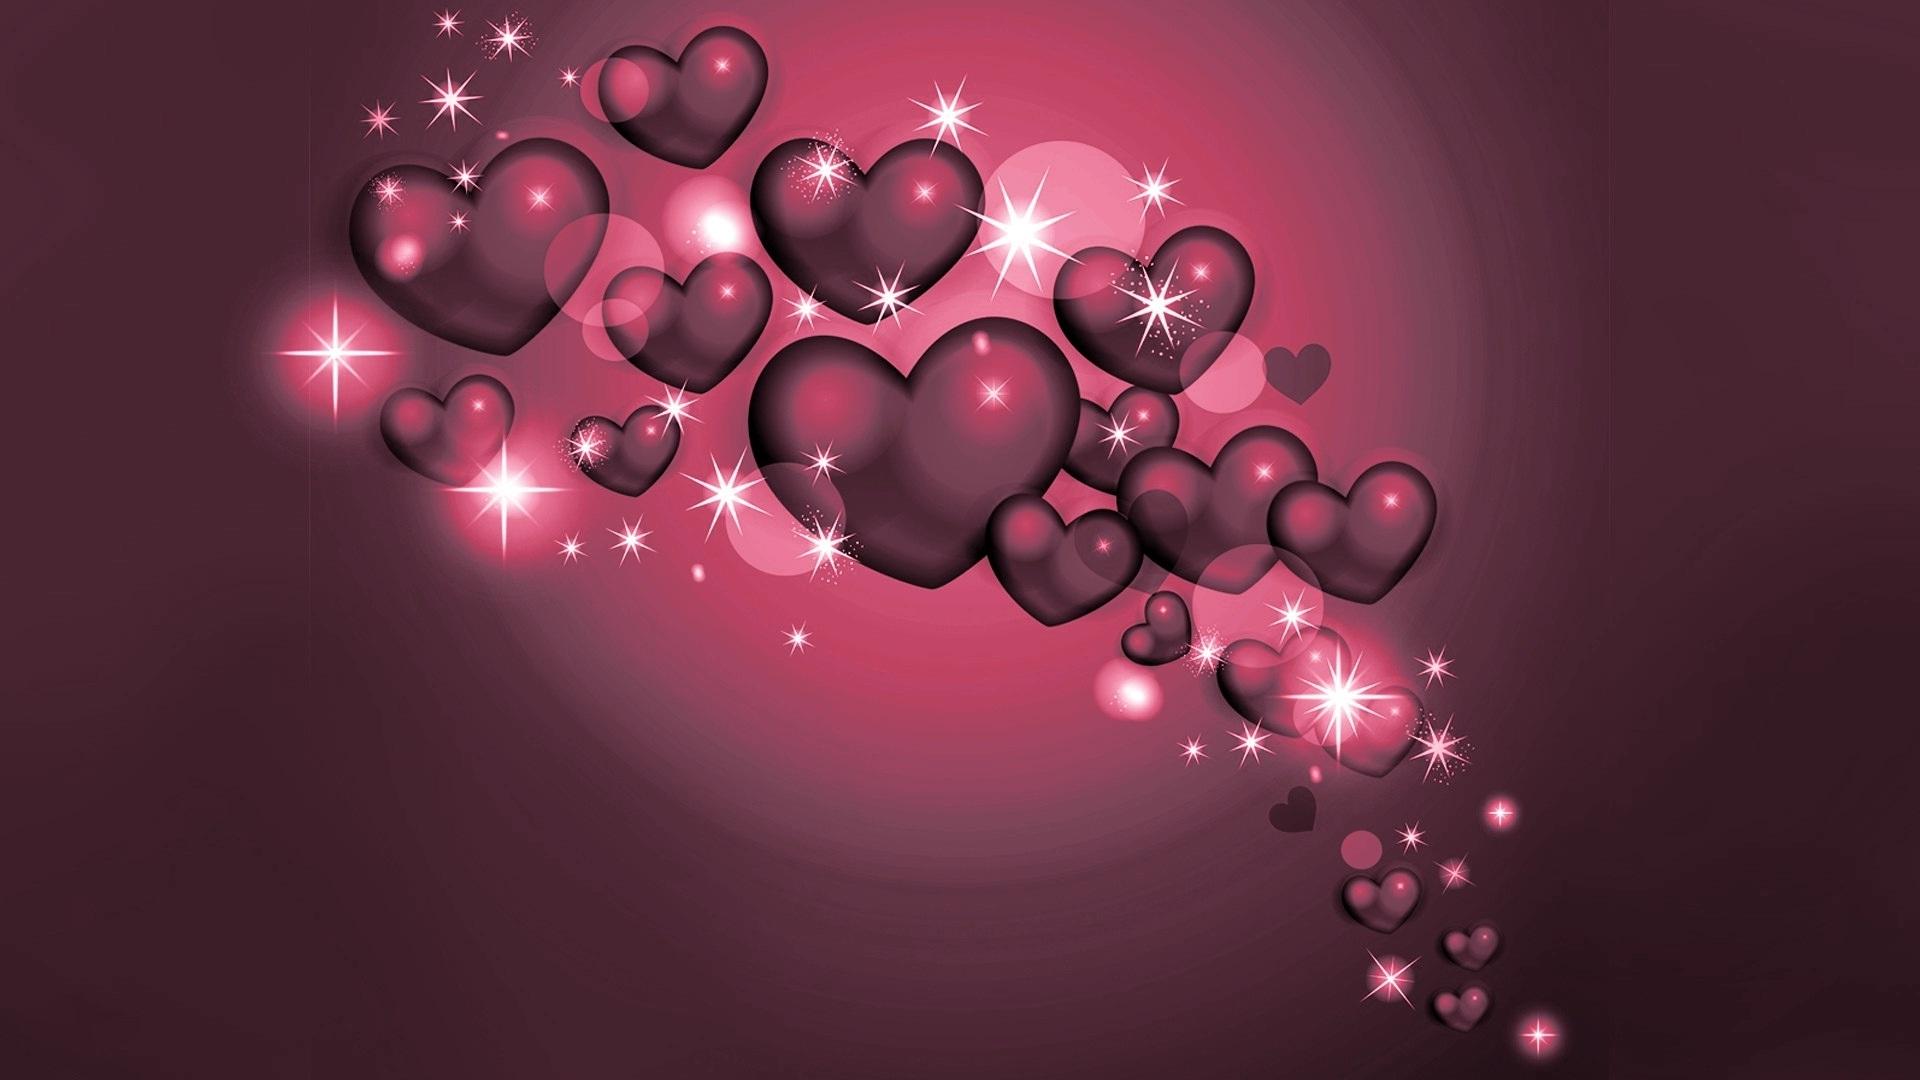 i love you wallpapers 5 خلفيات سطح المكتب i love you wallpapers